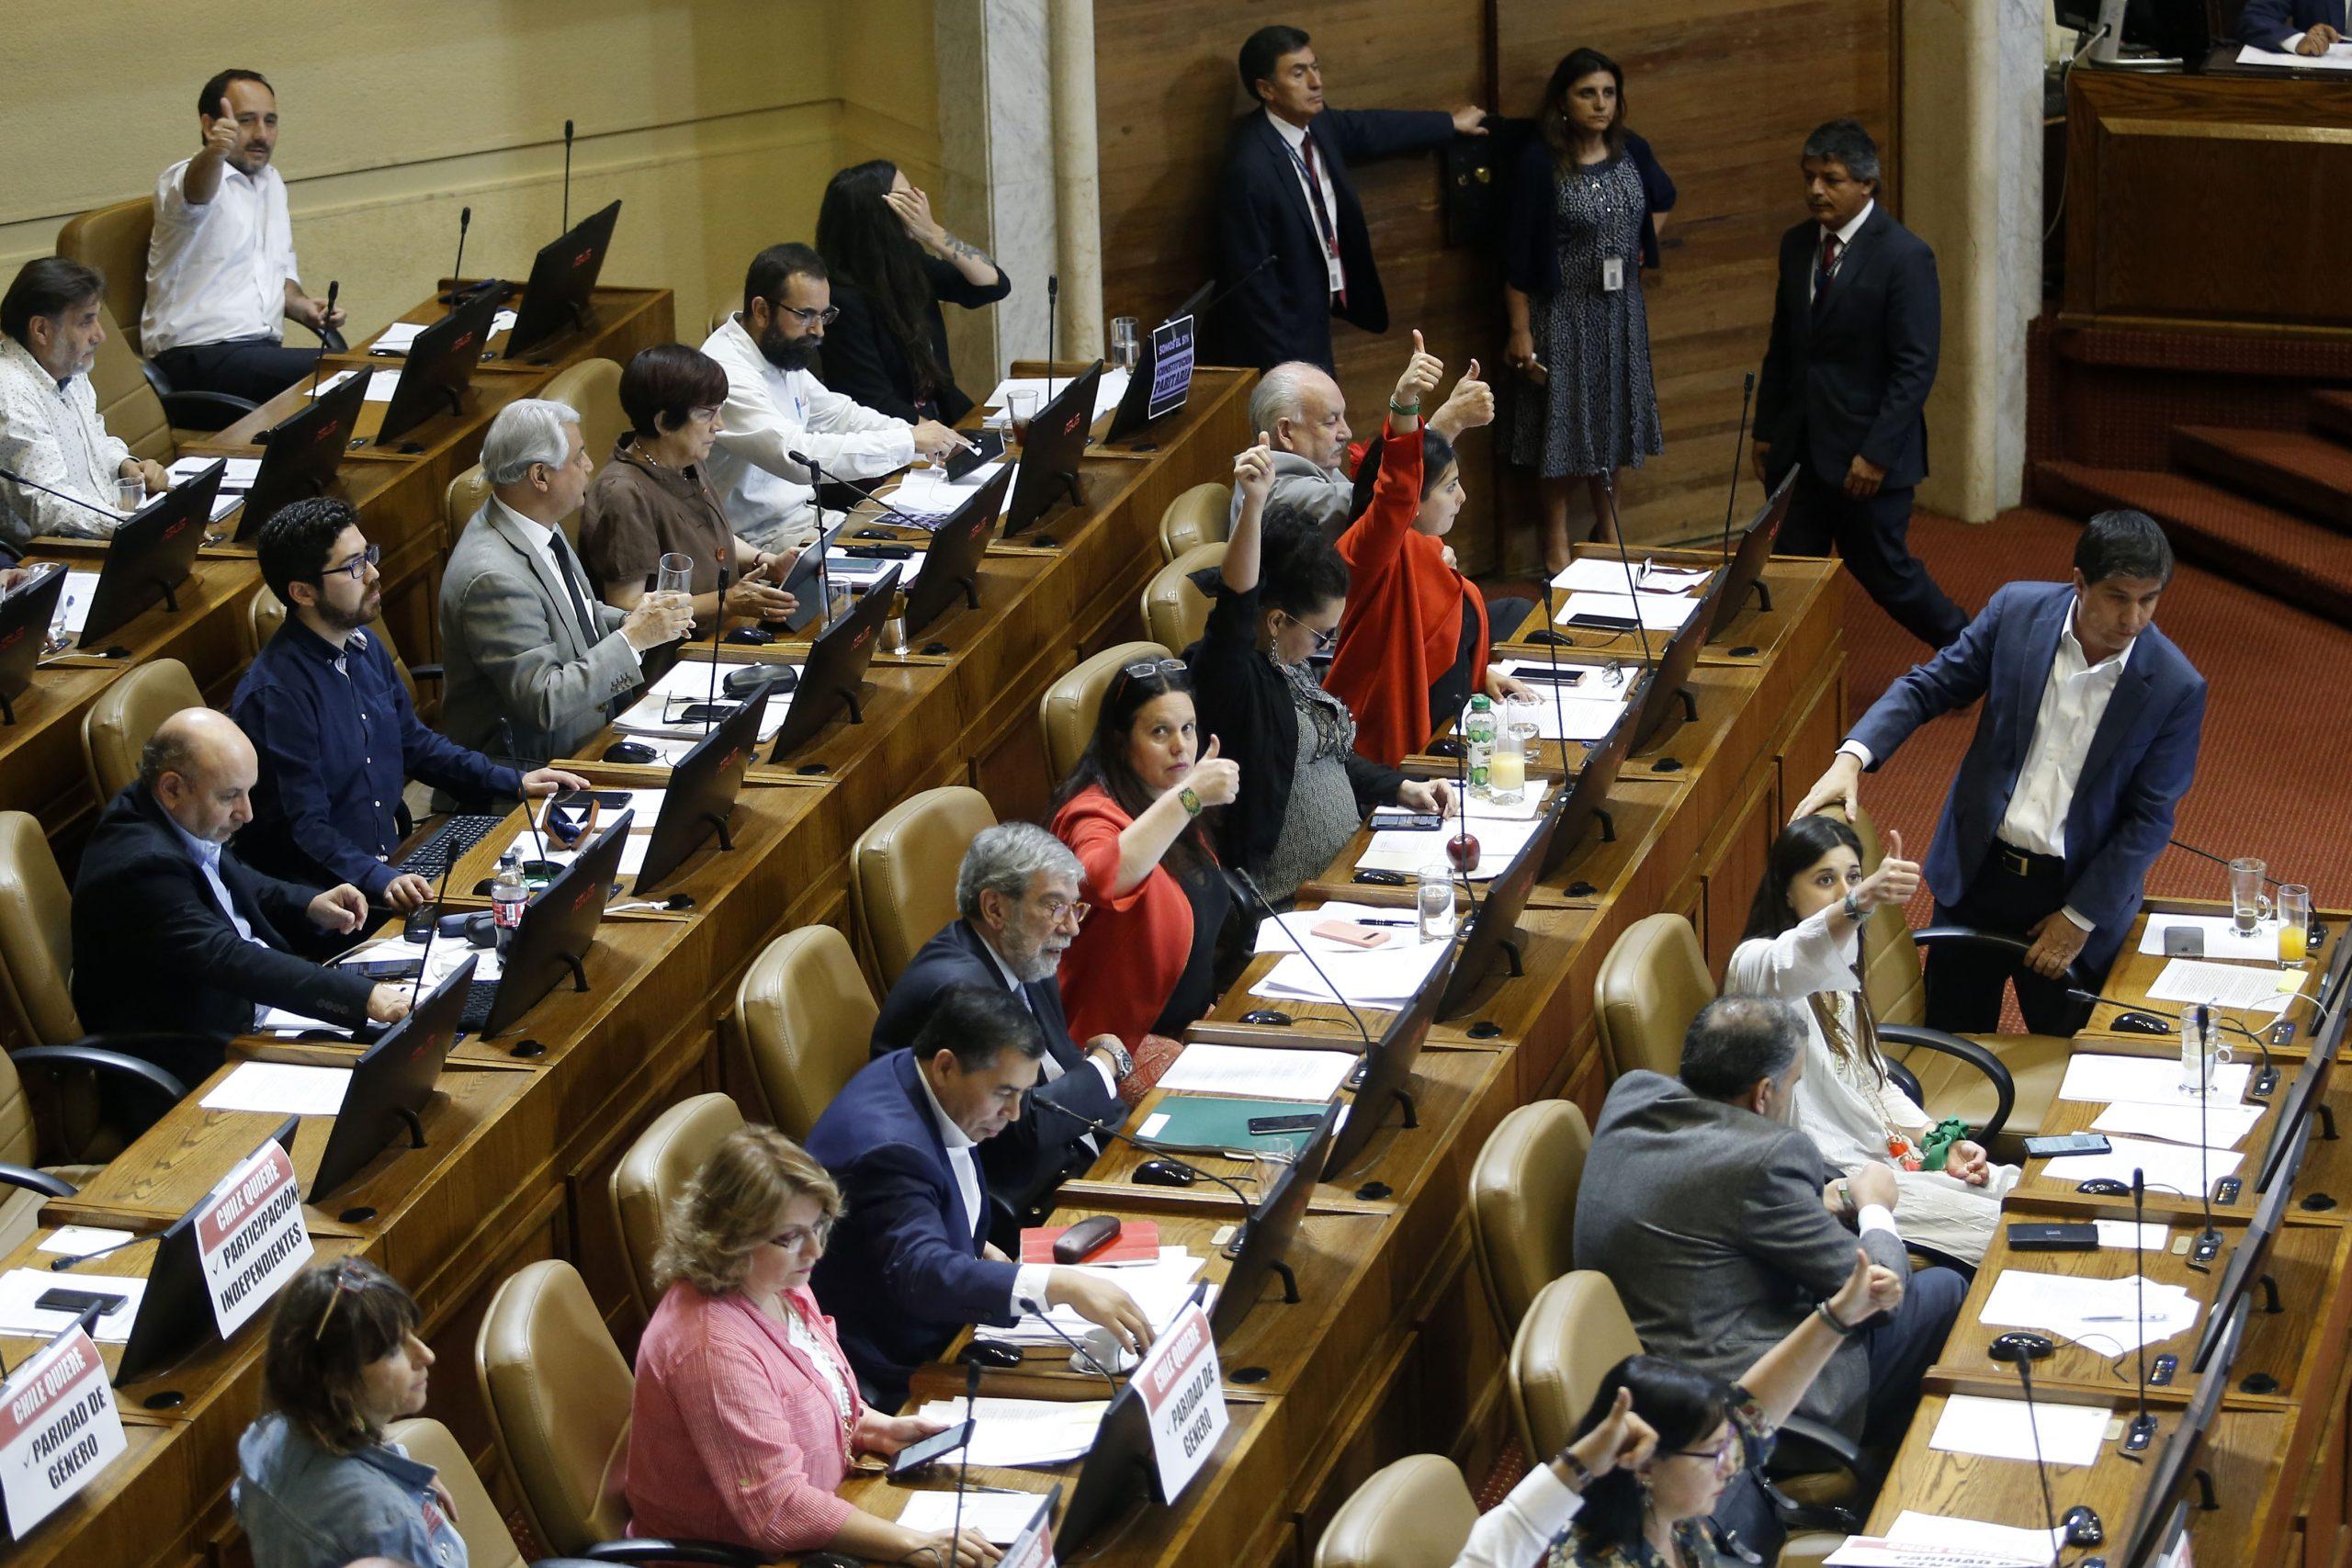 Chile: Diputados aprueban paridad de género y participación indígena e independiente en proceso constituyente